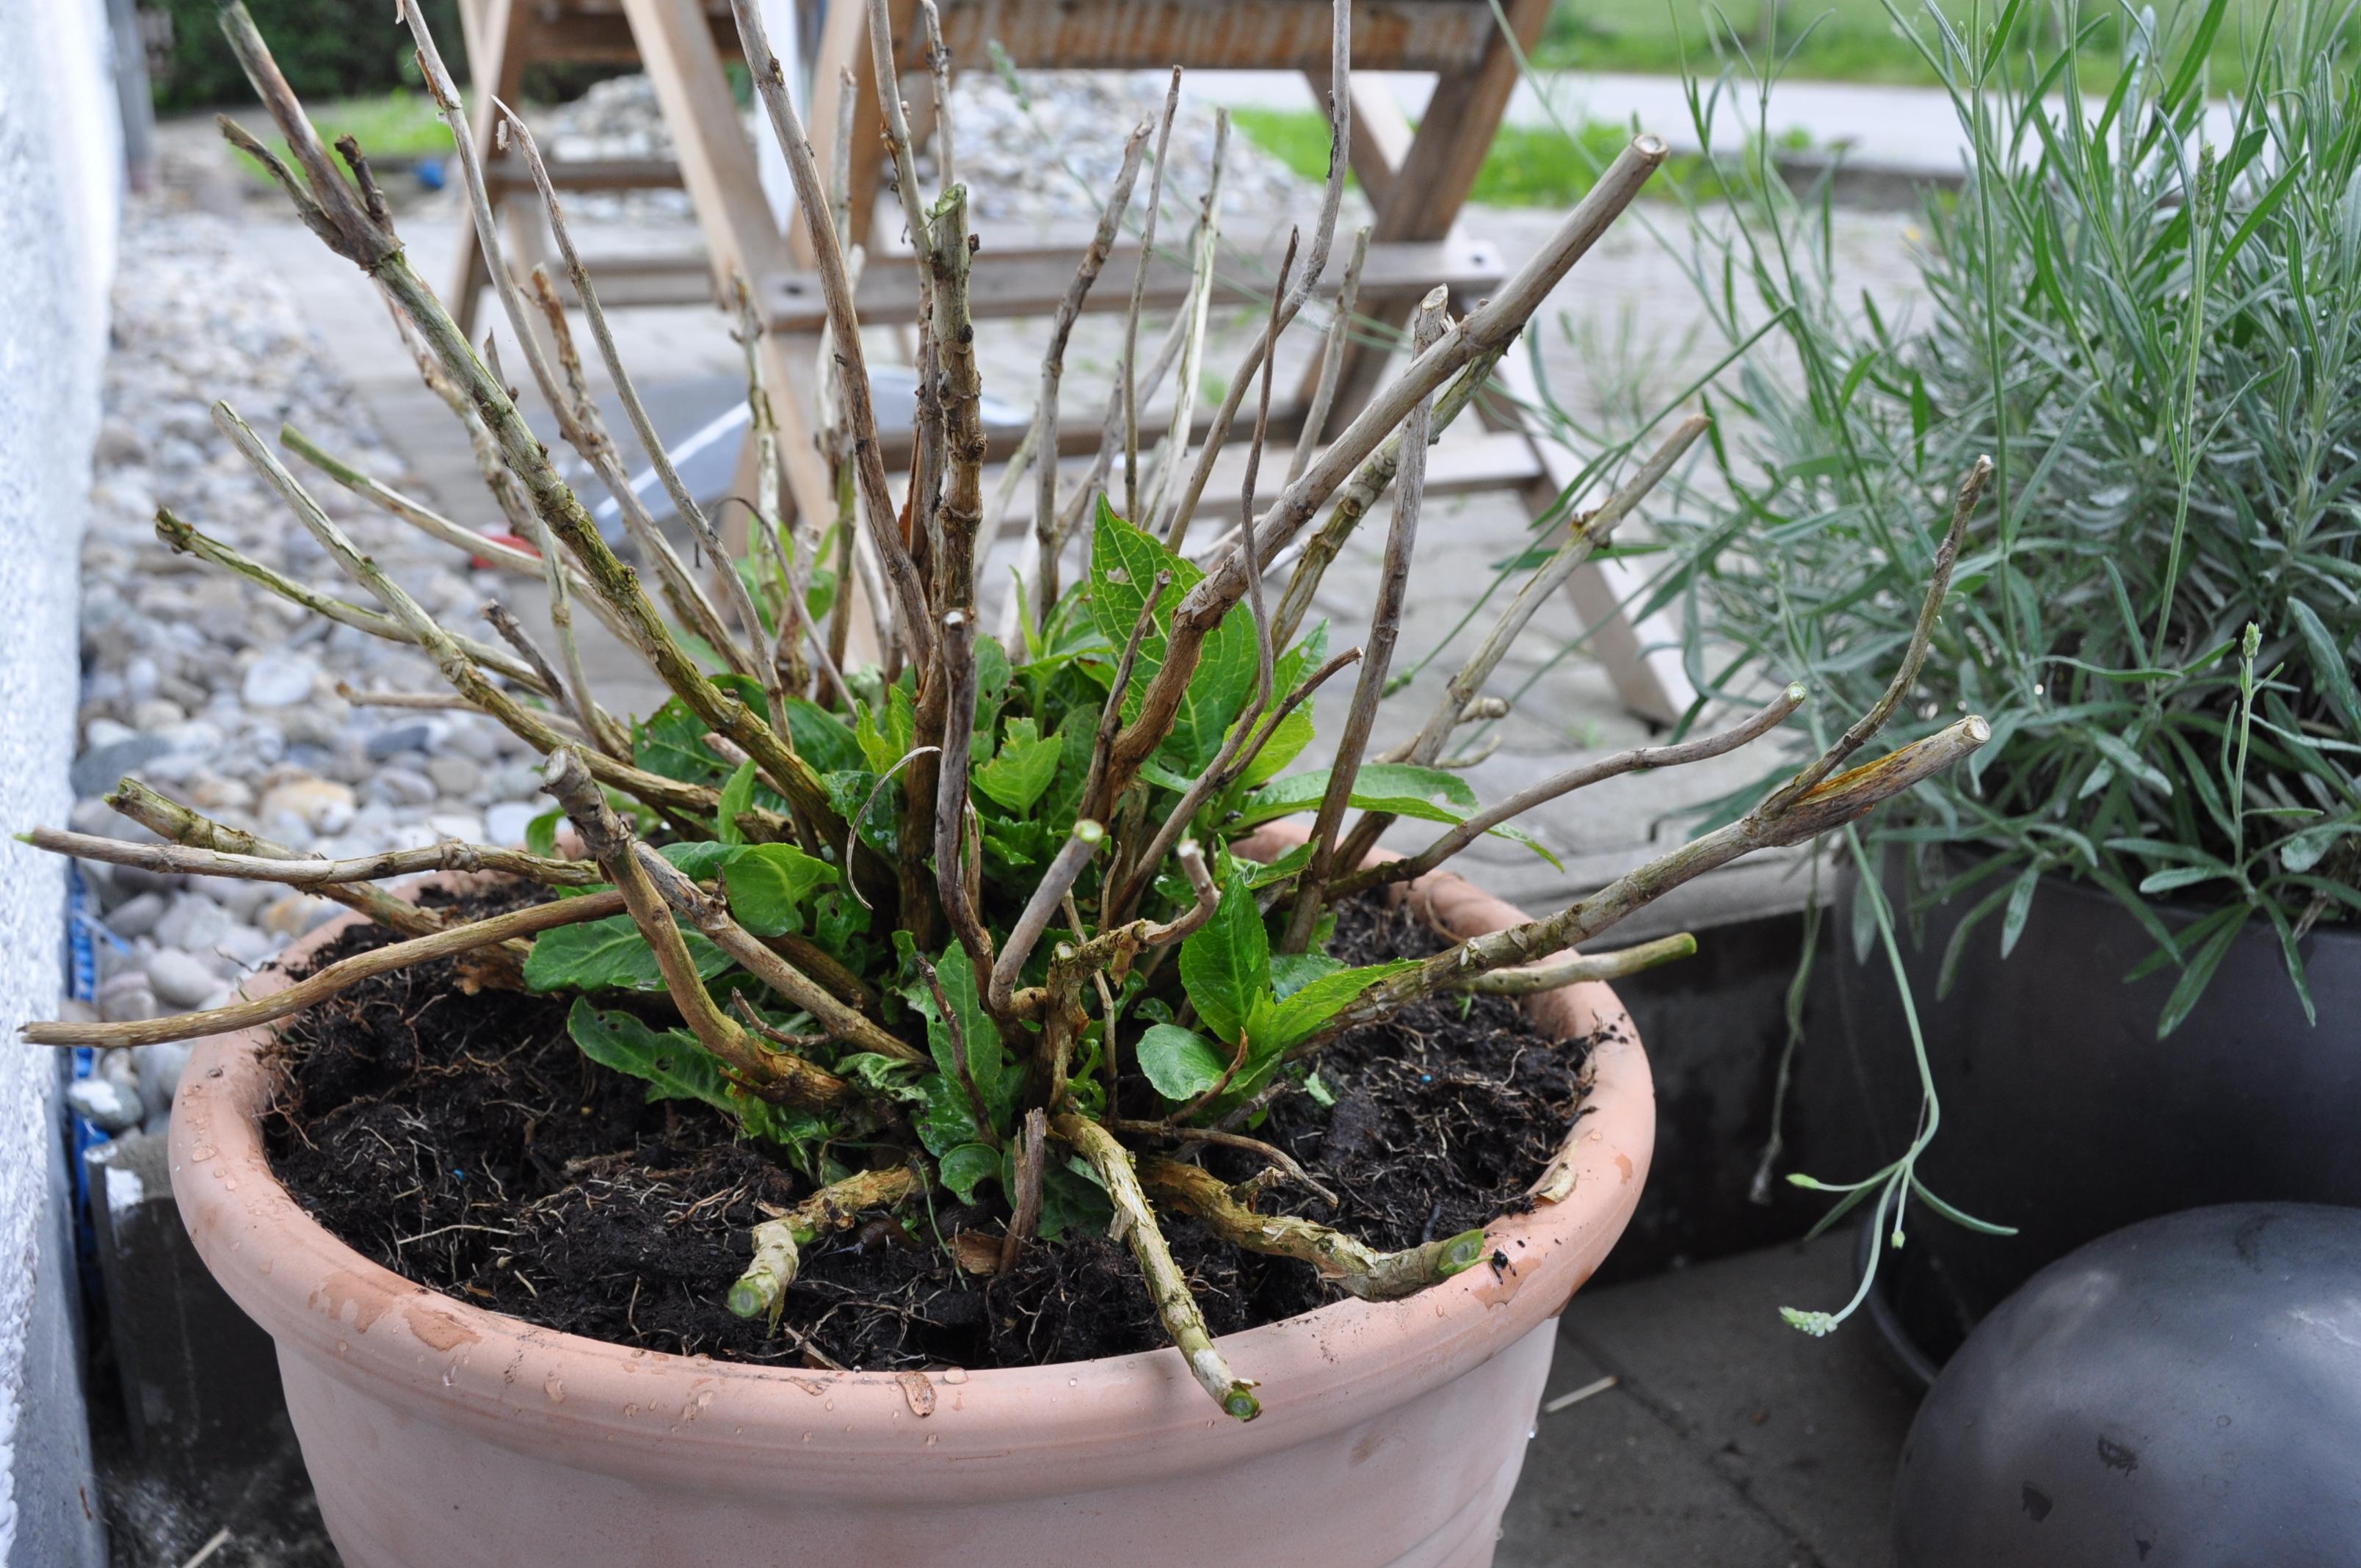 Außergewöhnlich Wird die Hortensie wieder? (Garten, bluete, Hortensien) #MX_04